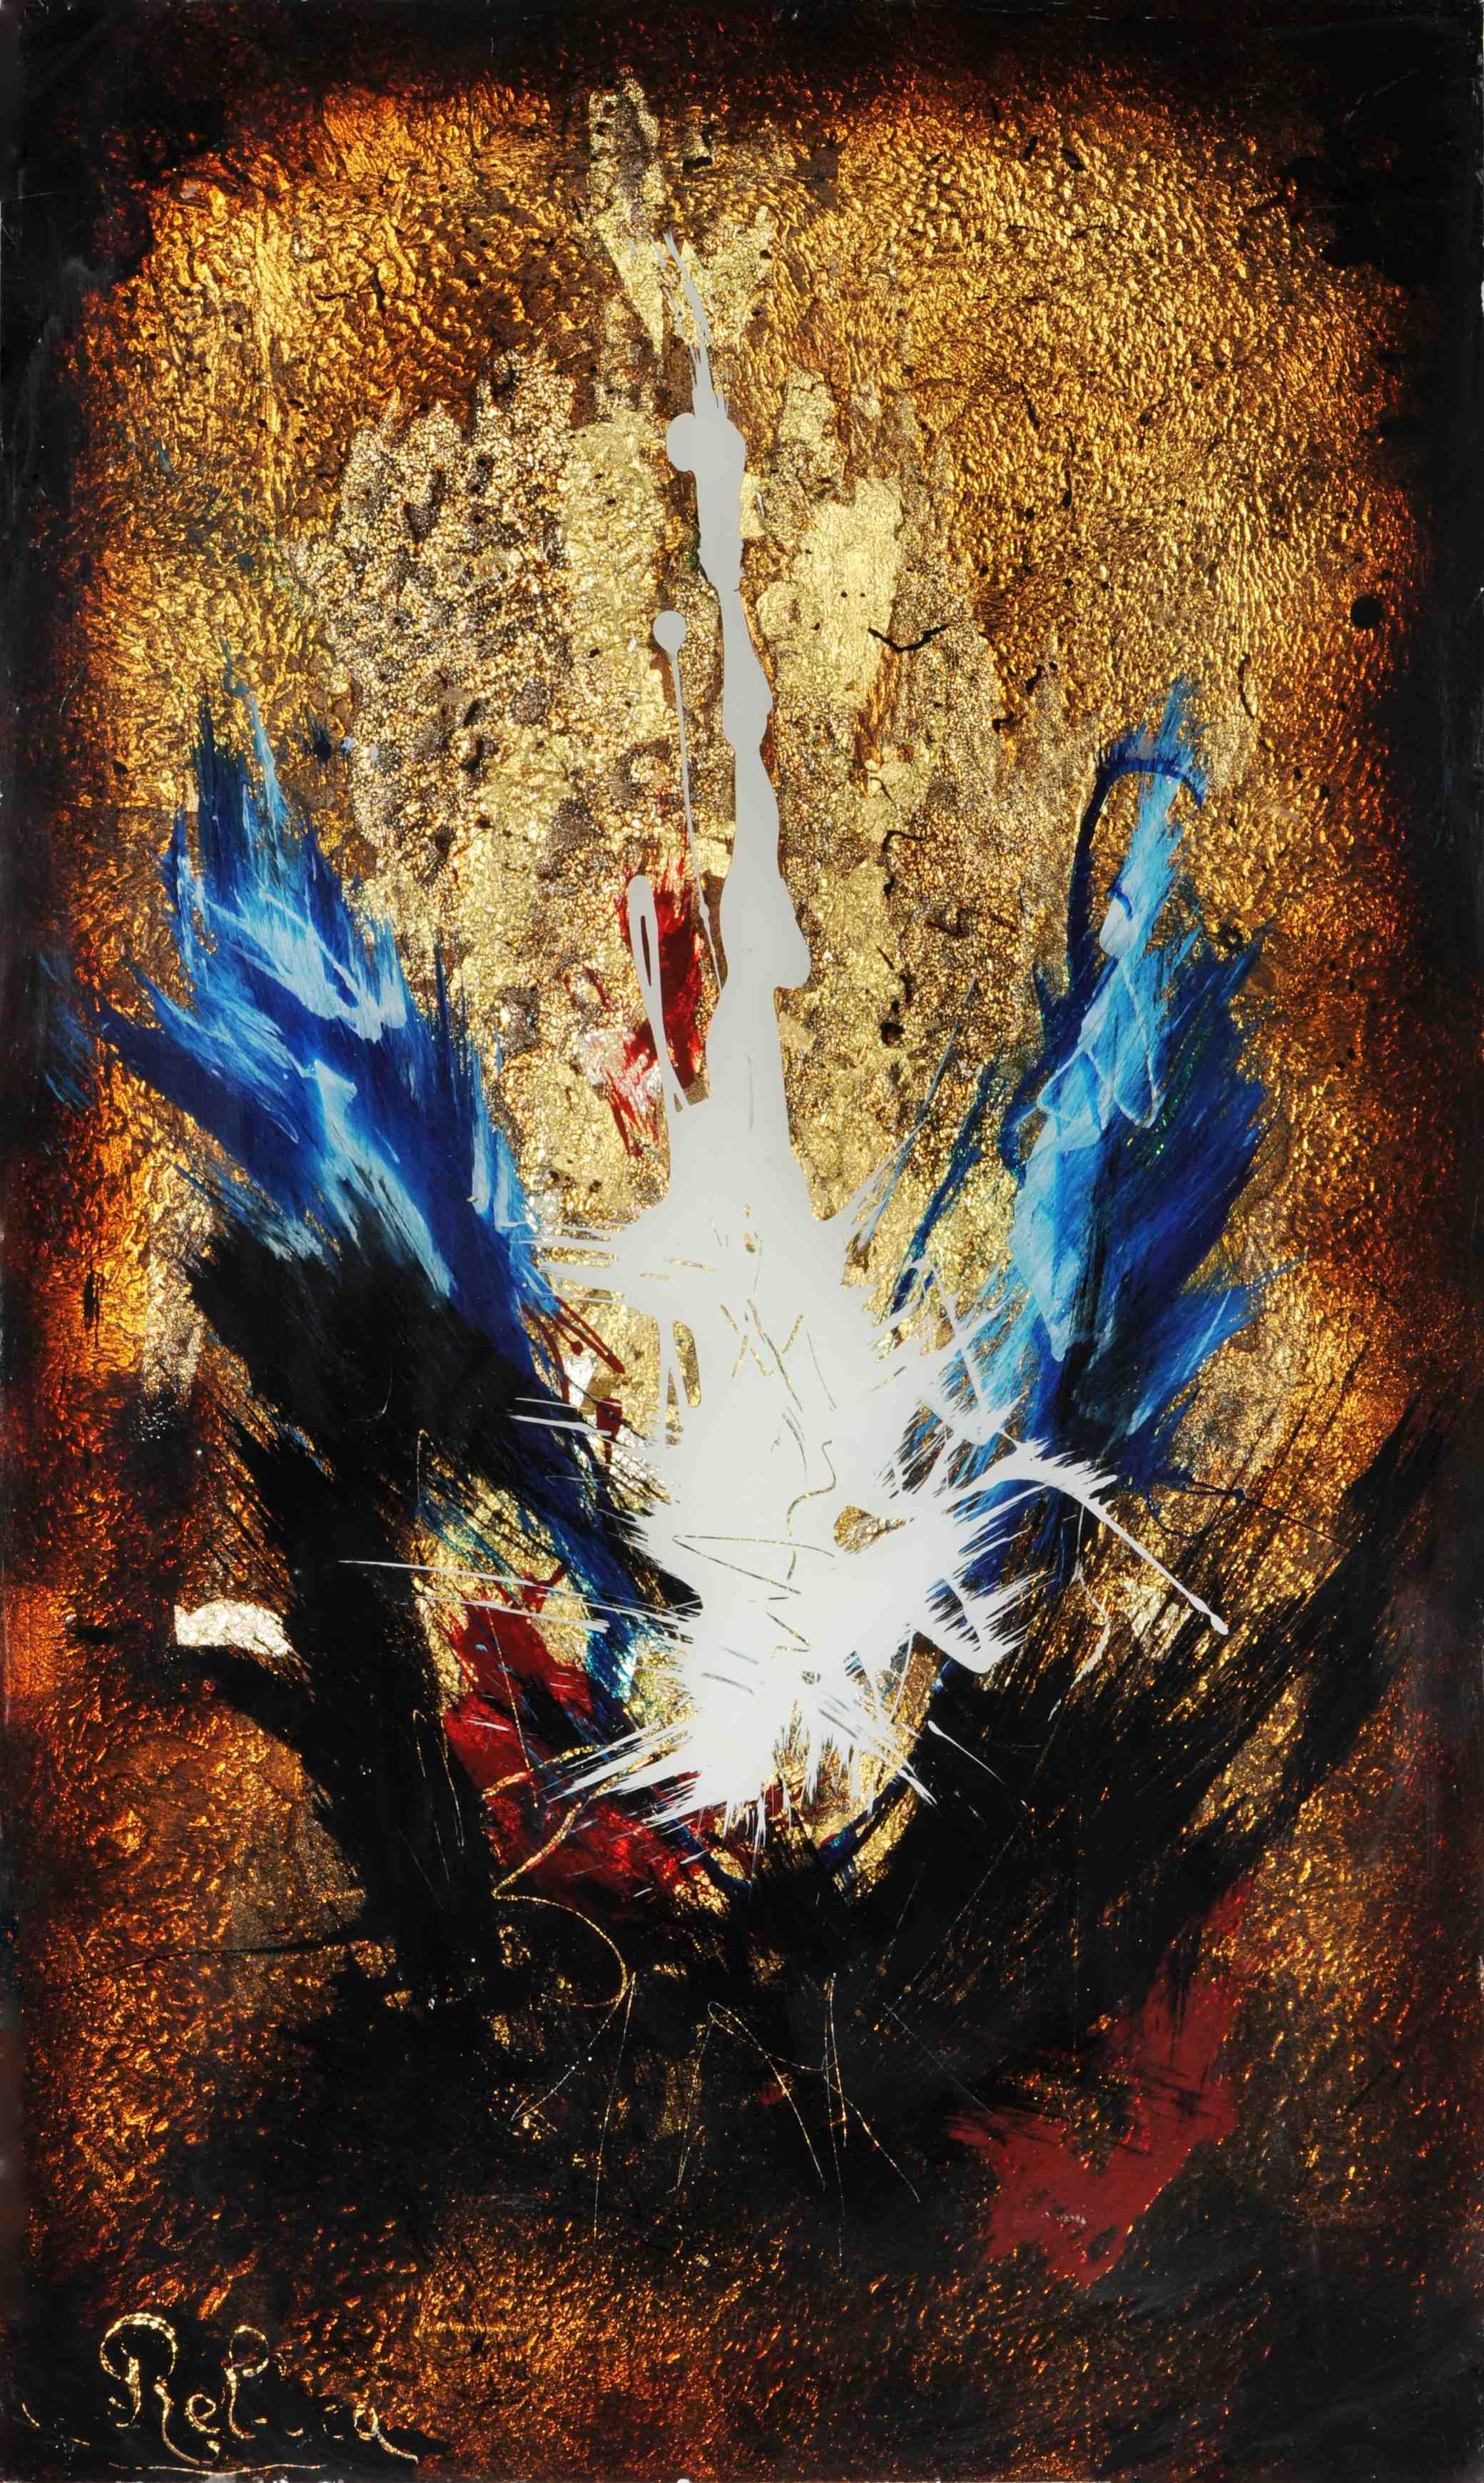 Paul Louis REBORA Artiste Peintre contemporain à Nice est sur www.kelexpo.com http://www.kelexpo.com/profil-artiste/paul-louis-rebora-artiste-peintre-a-nice/